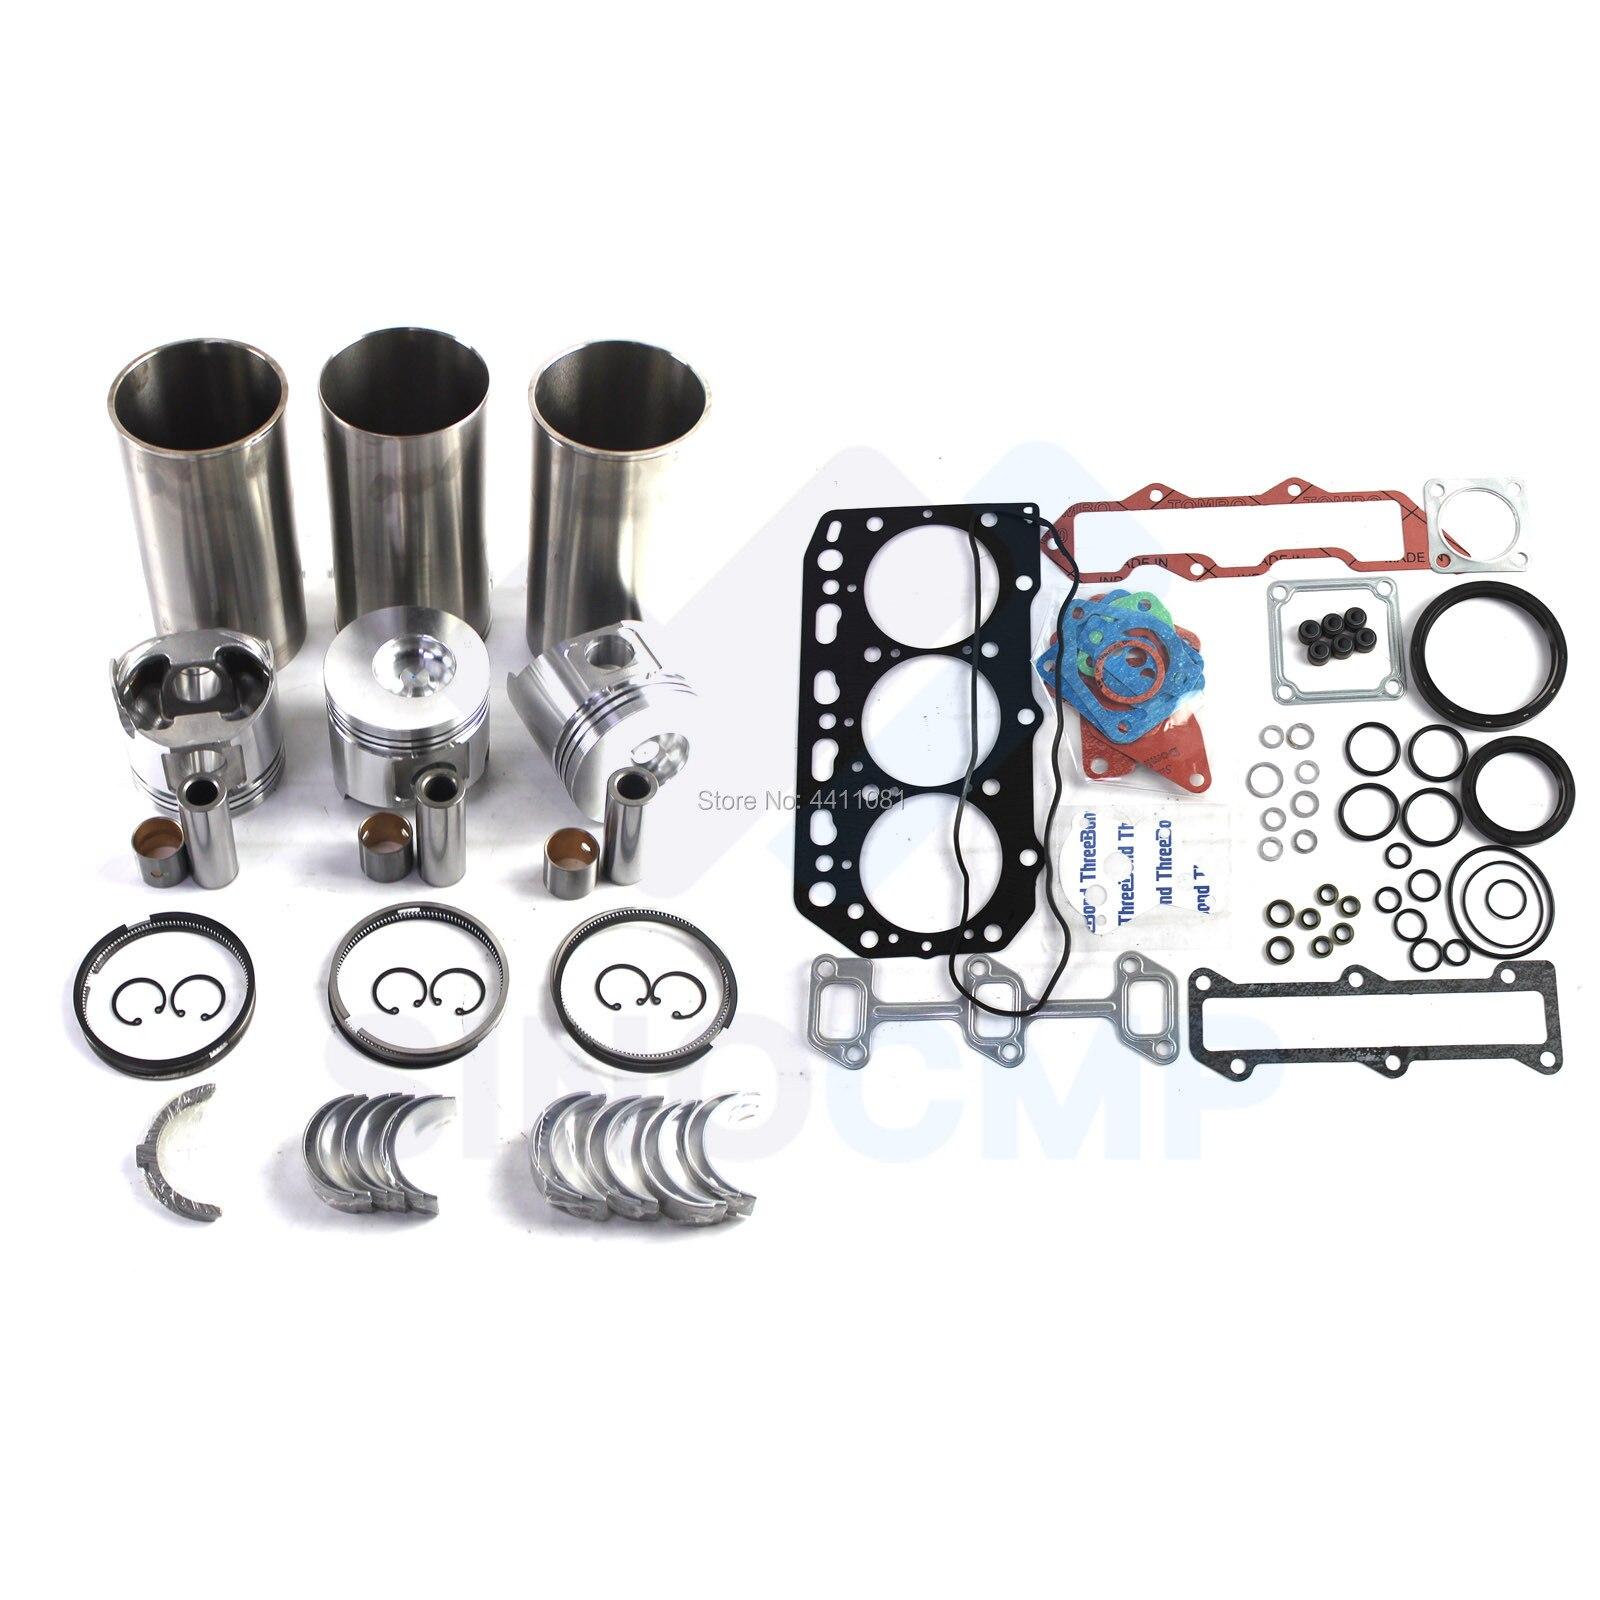 طقم تجديد المحرك 3TNV84 3TNV84T ، لجرار 3235C 3245C 3520